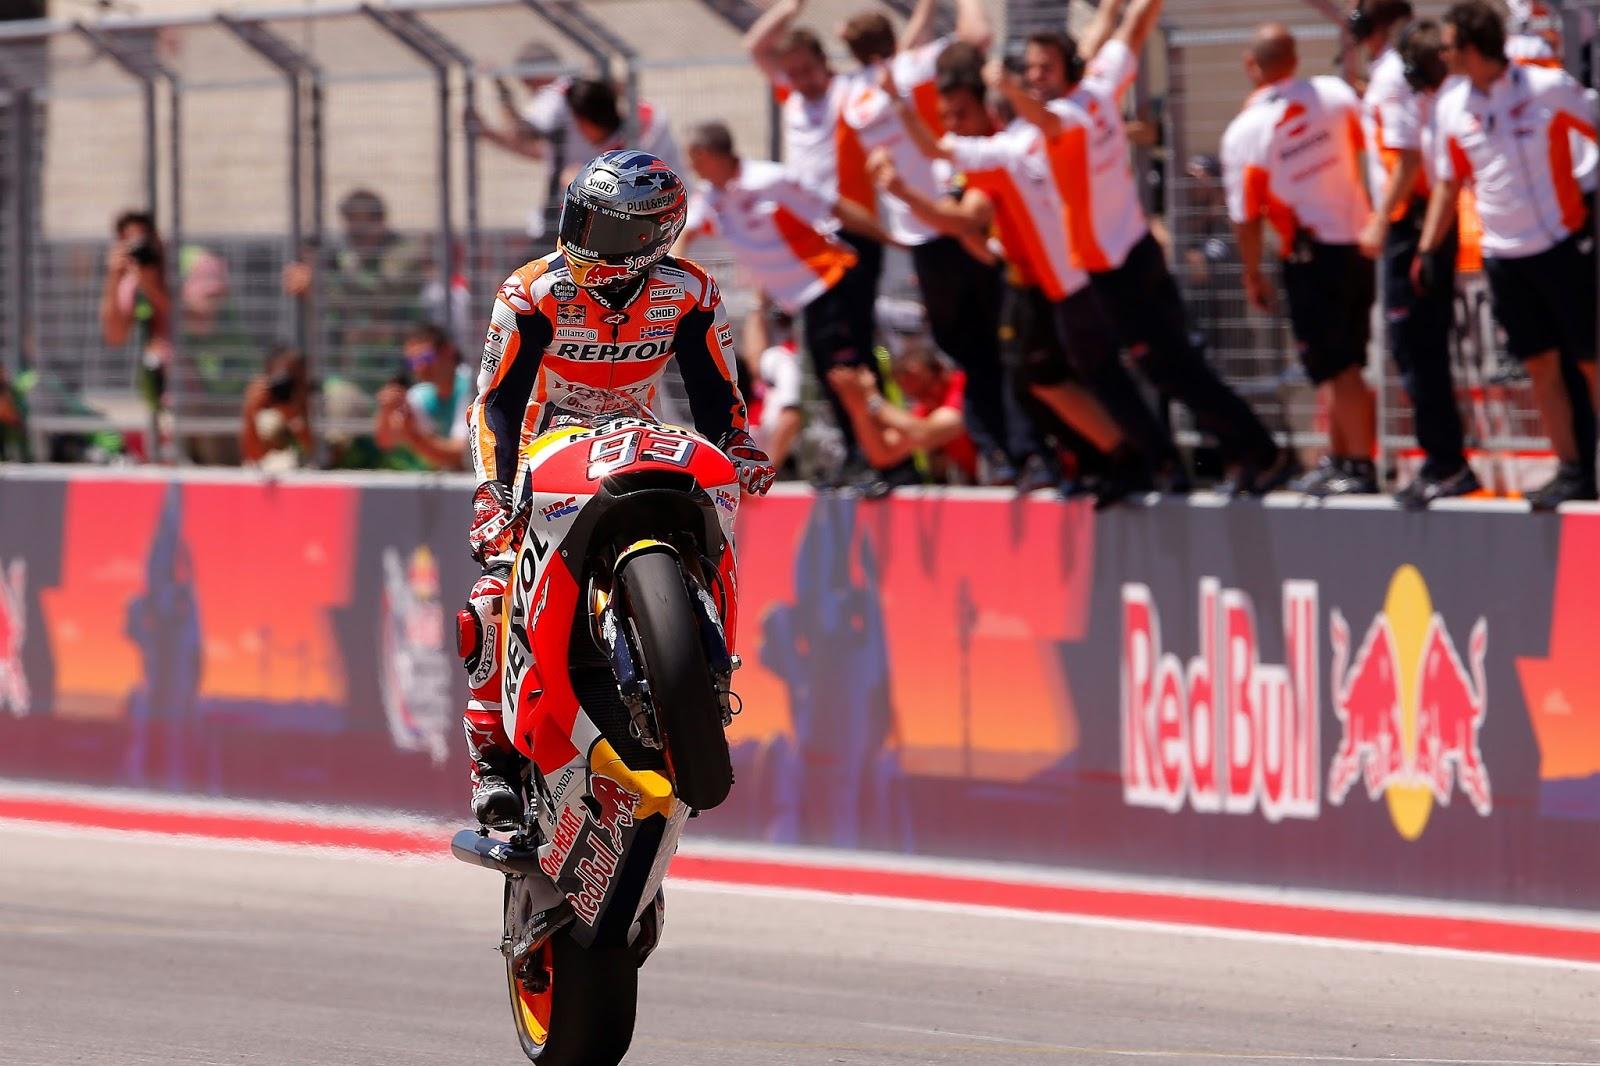 Αριστοτεχνική νίκη του Marquez στο Texas,  με τον Pedrosa στην τρίτη θέση